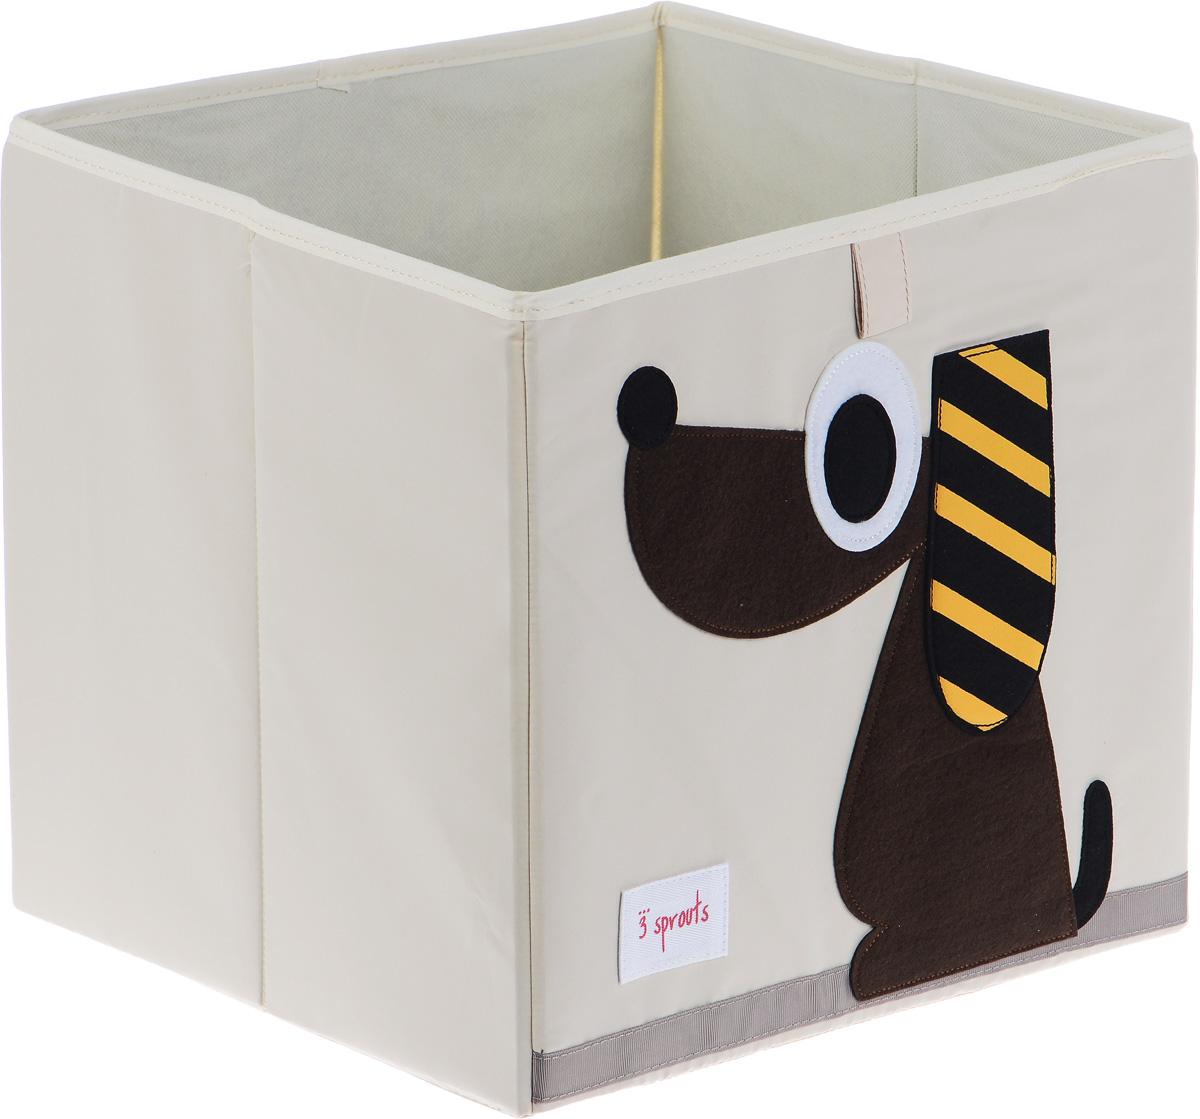 3 Sprouts Коробка для хранения Собачка67621Коробка для хранения 3 Sprouts Собачка - это отличный вариант организации пространства любой комнаты. Стороны коробки усилены с помощью картона, поэтому она всегда стоит ровно. Помещается практически во все стеллажи с квадратными отсеками и добавляет озорства любой комнате. Стоит ли коробка отдельно или на полке стеллажа, она обеспечит прекрасную организацию в вашем доме. Не содержит фталаты. Уход: снаружи - только выведение пятен.